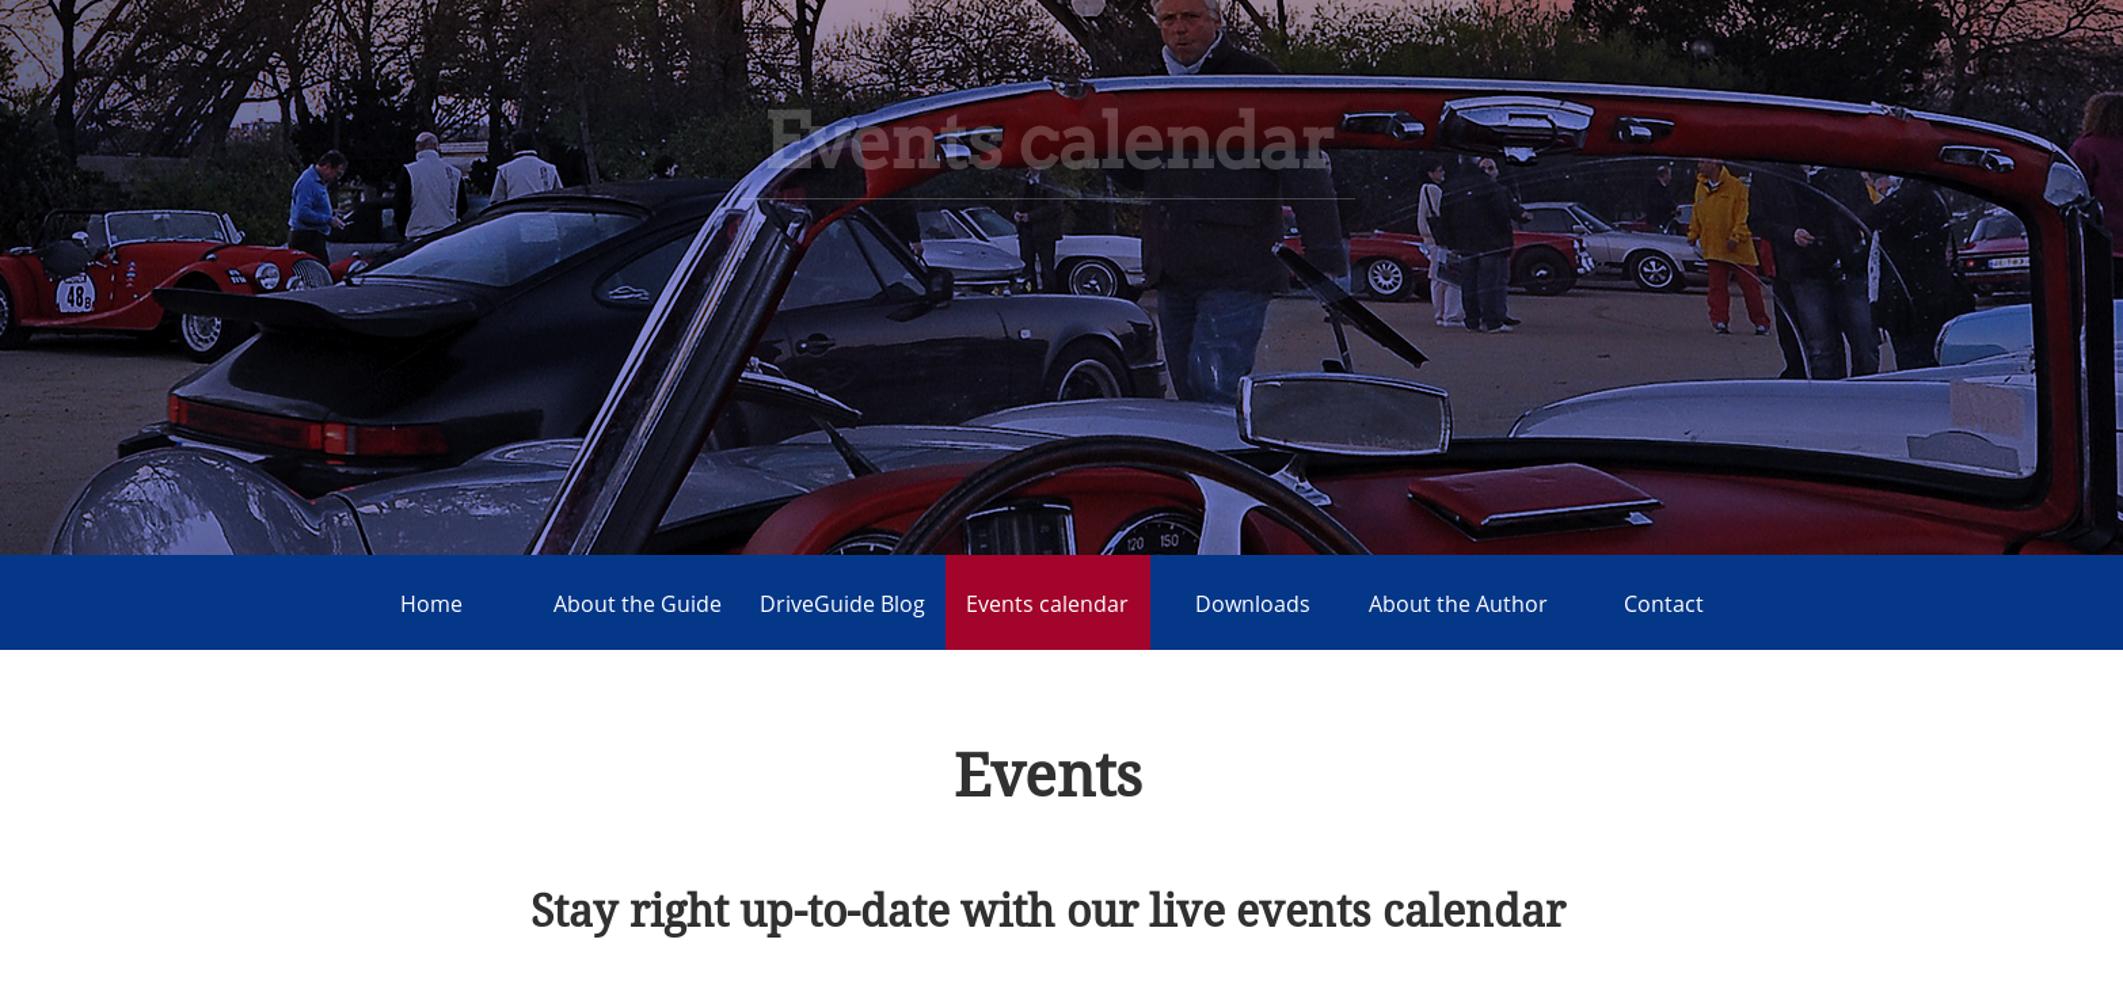 The essential guide for car enthusiasts, France parle de la Coupe Florio 2015 0